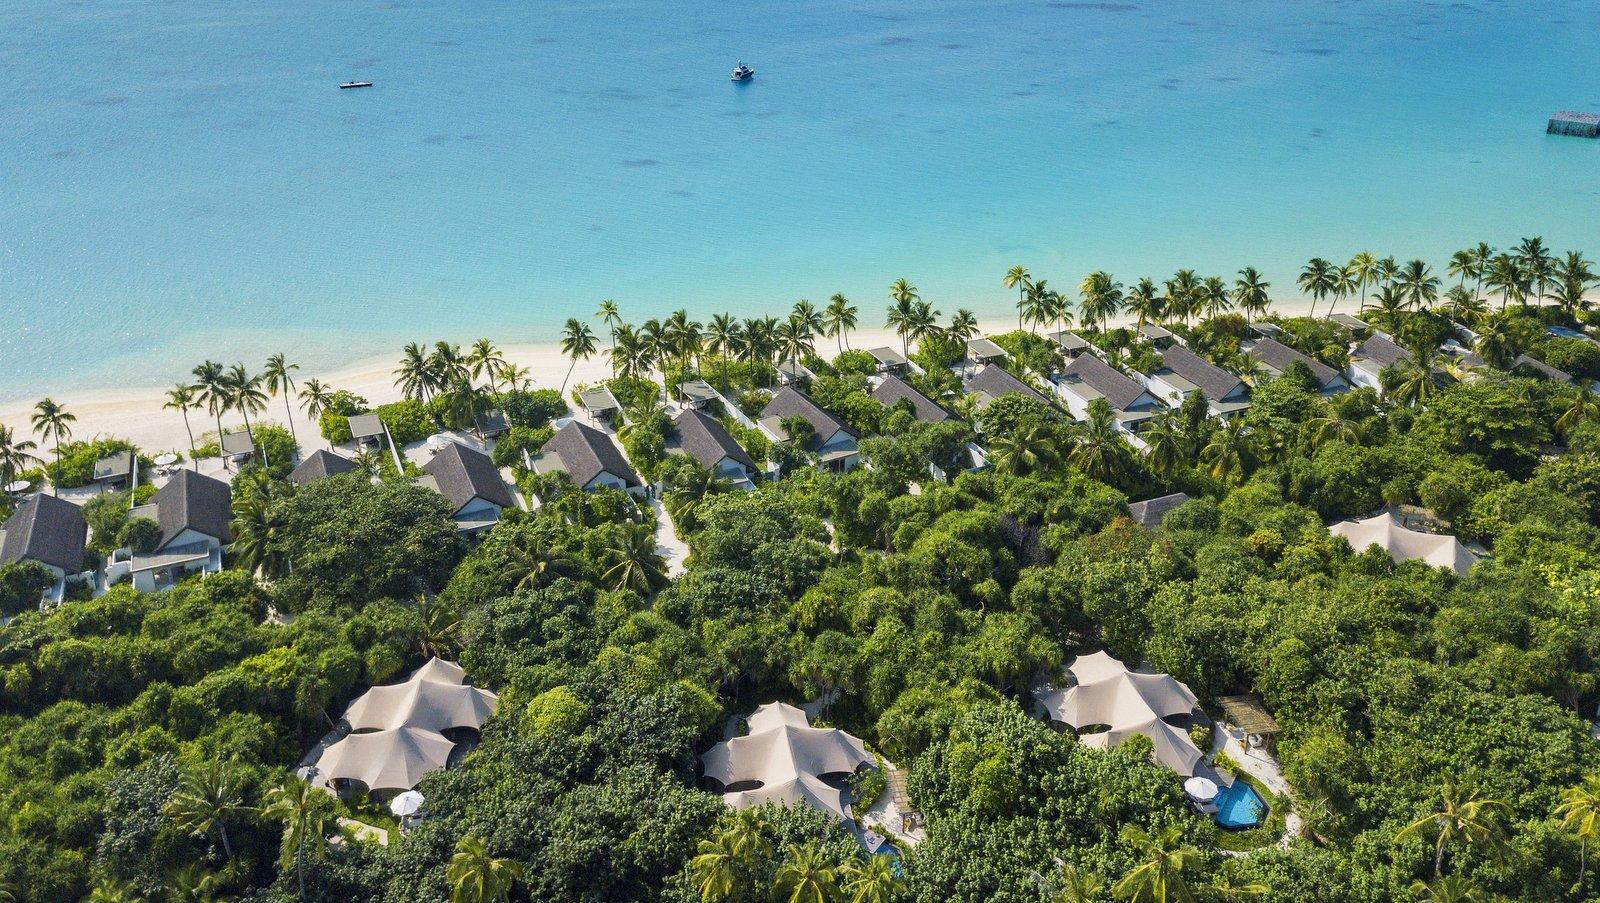 Мальдивы, отель Fairmont Maldives Sirru Fen Fushi